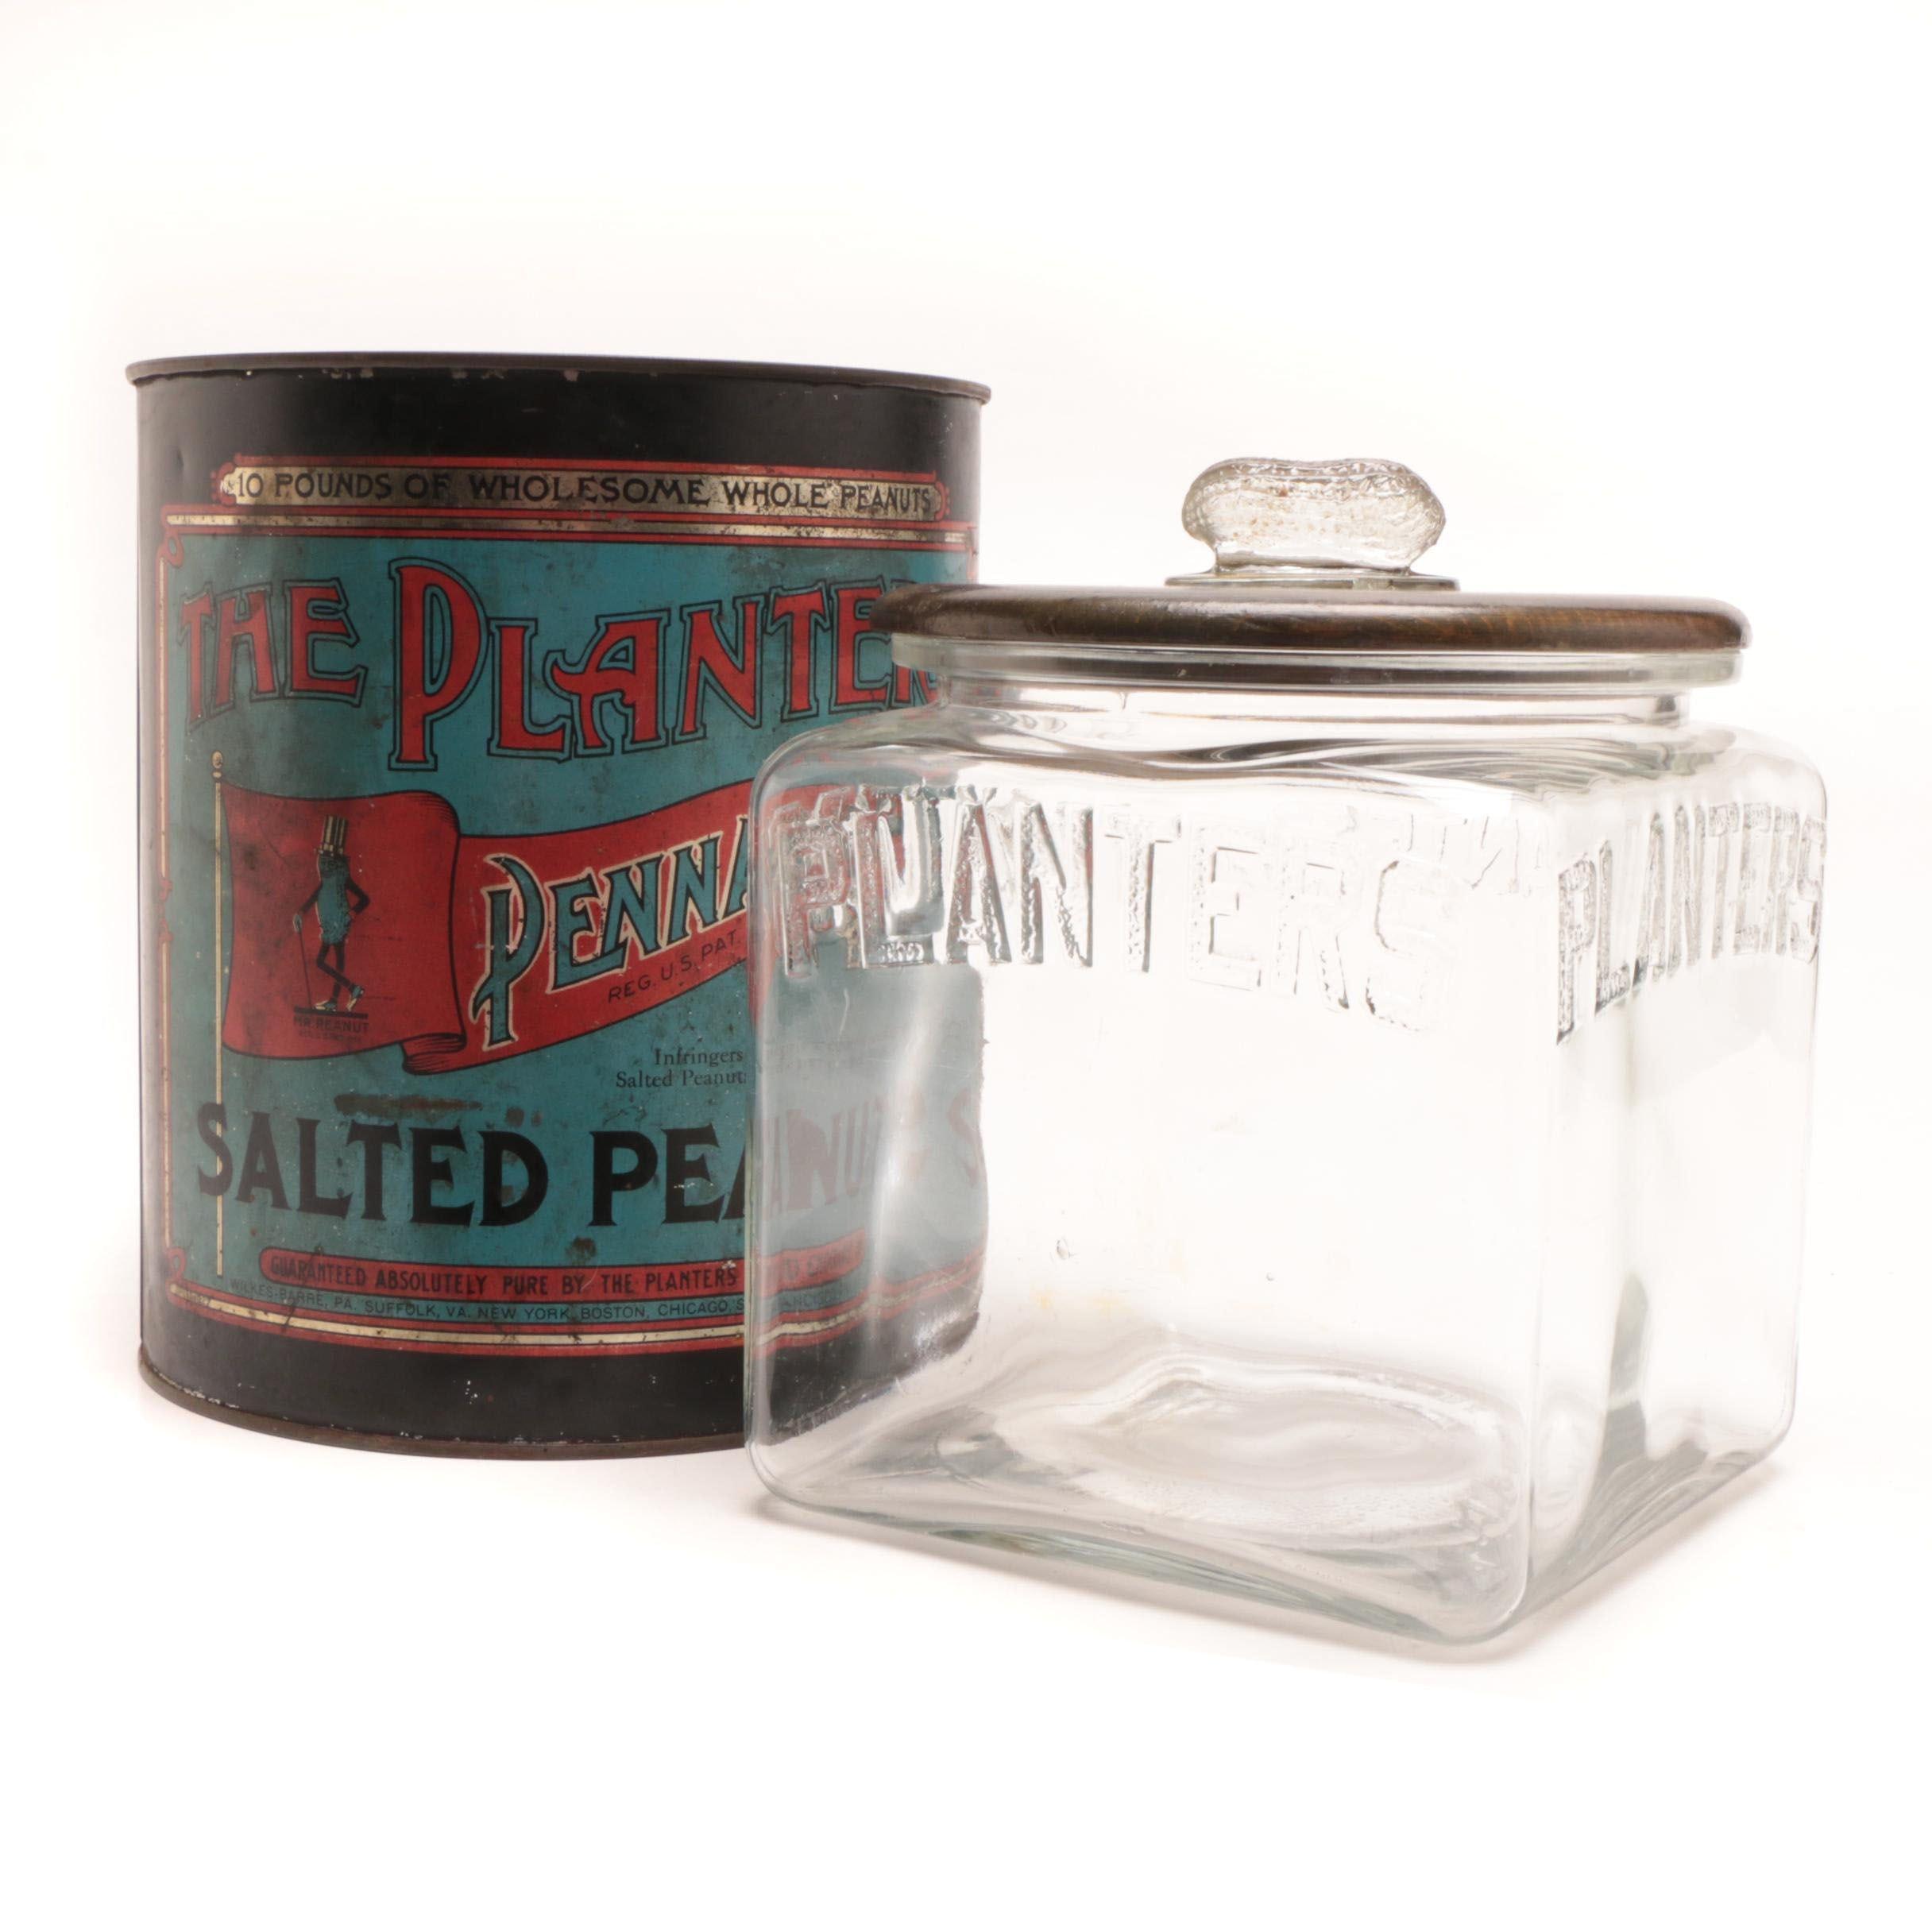 Vintage Advertising Planters Peanut Jar and Tin